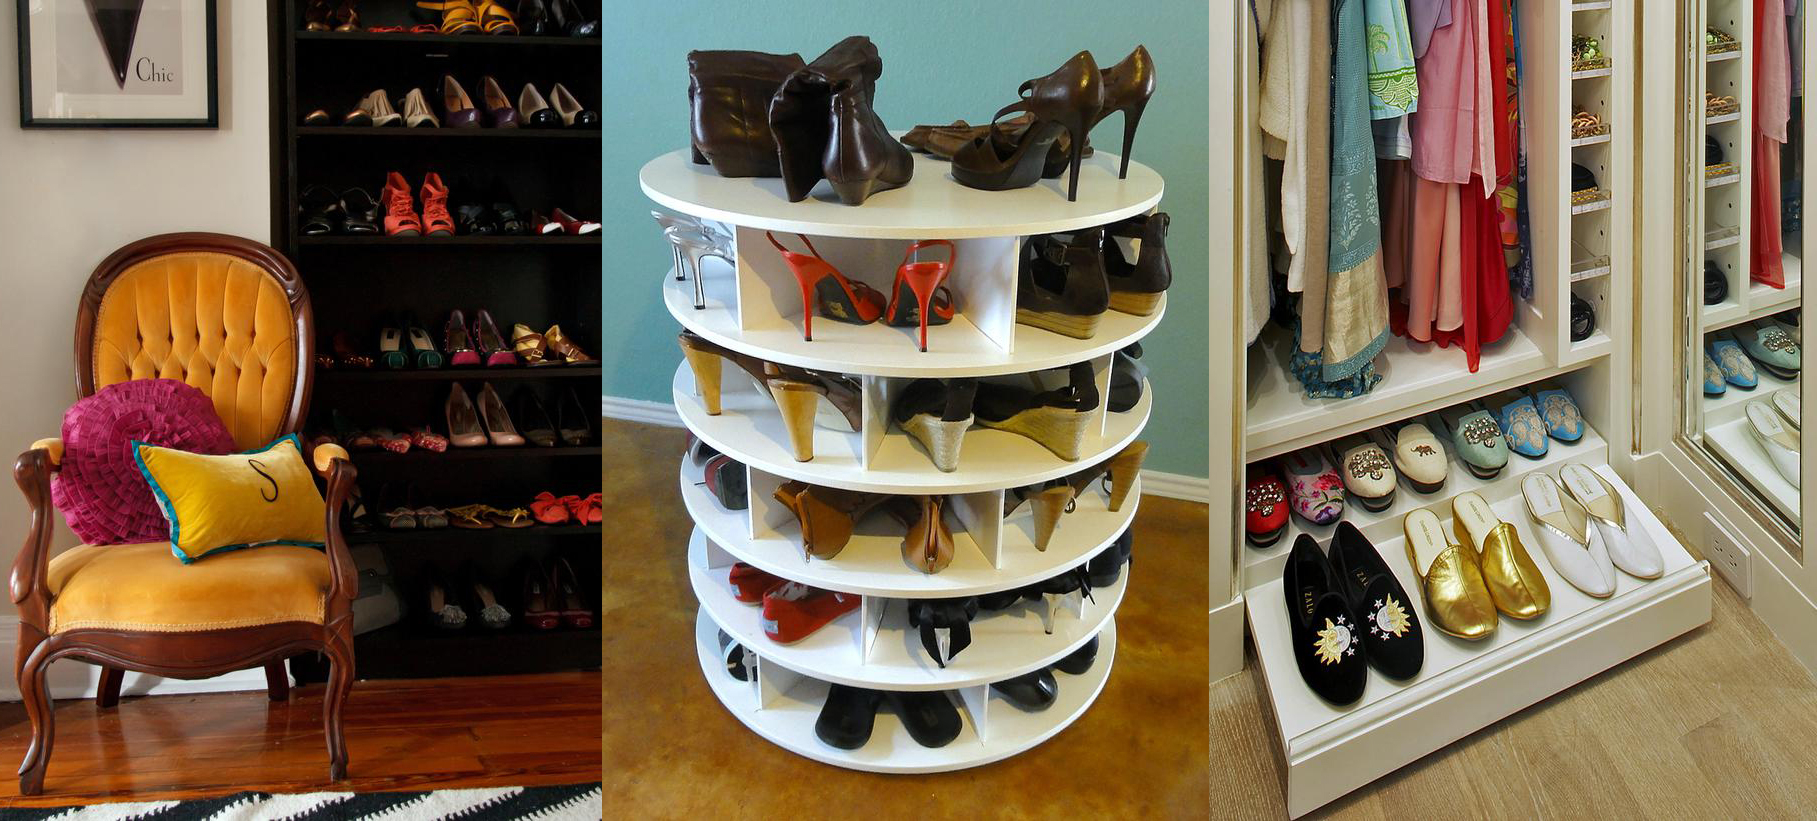 Dresser With Shoe Storage